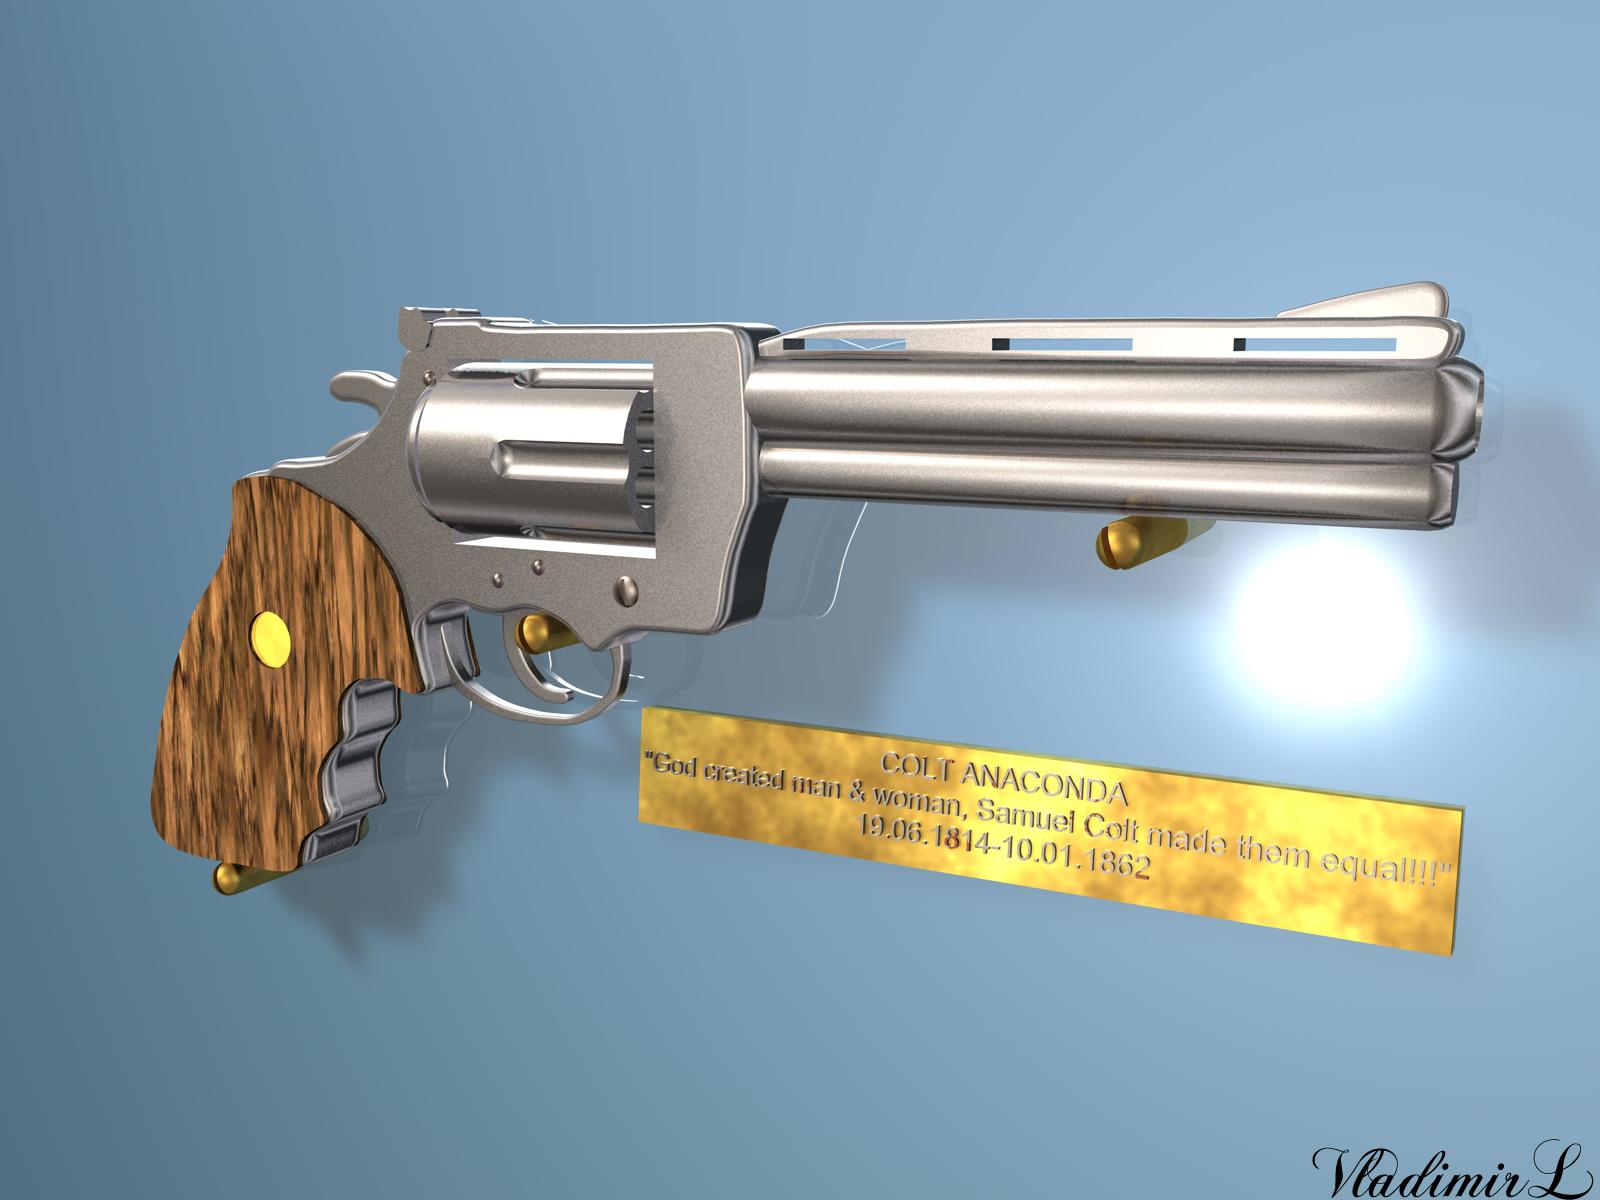 Colt Anaconda by VladimirL on DeviantArt